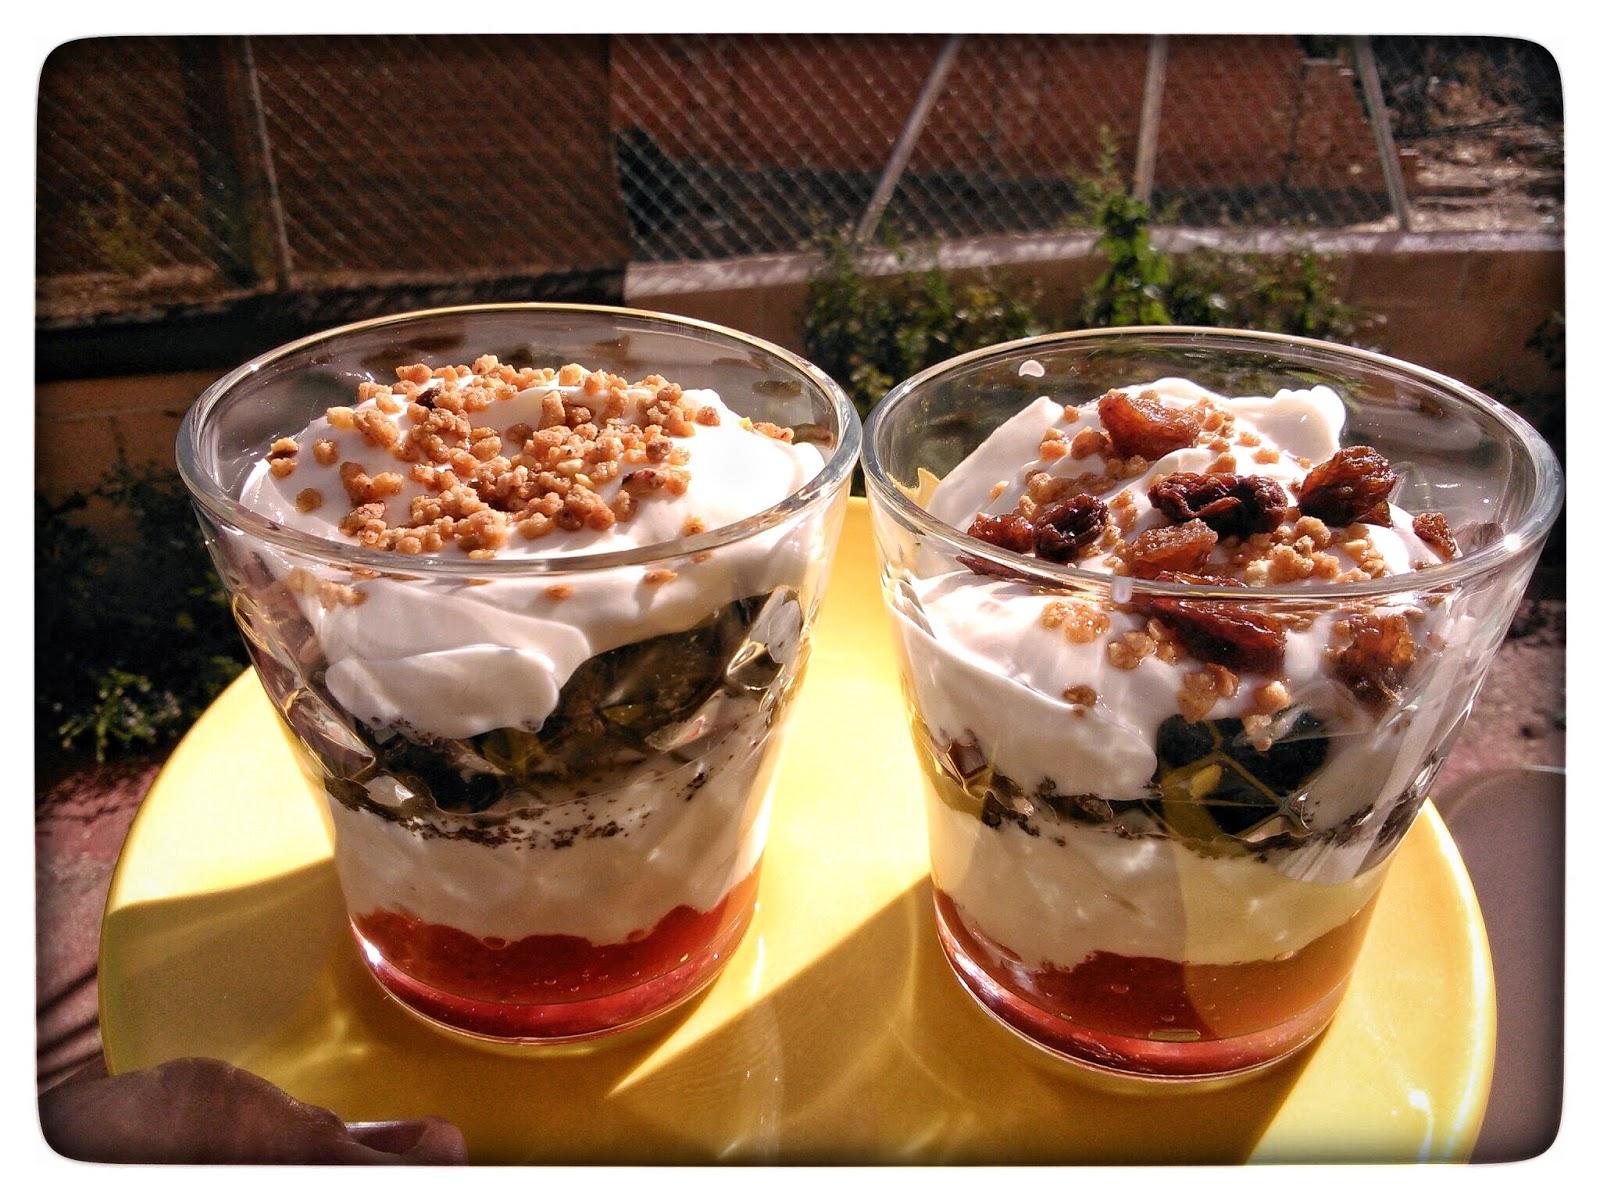 Mi peque o rincon yogurt con galletas oreo y mermelada - Vasos para yogurt ...